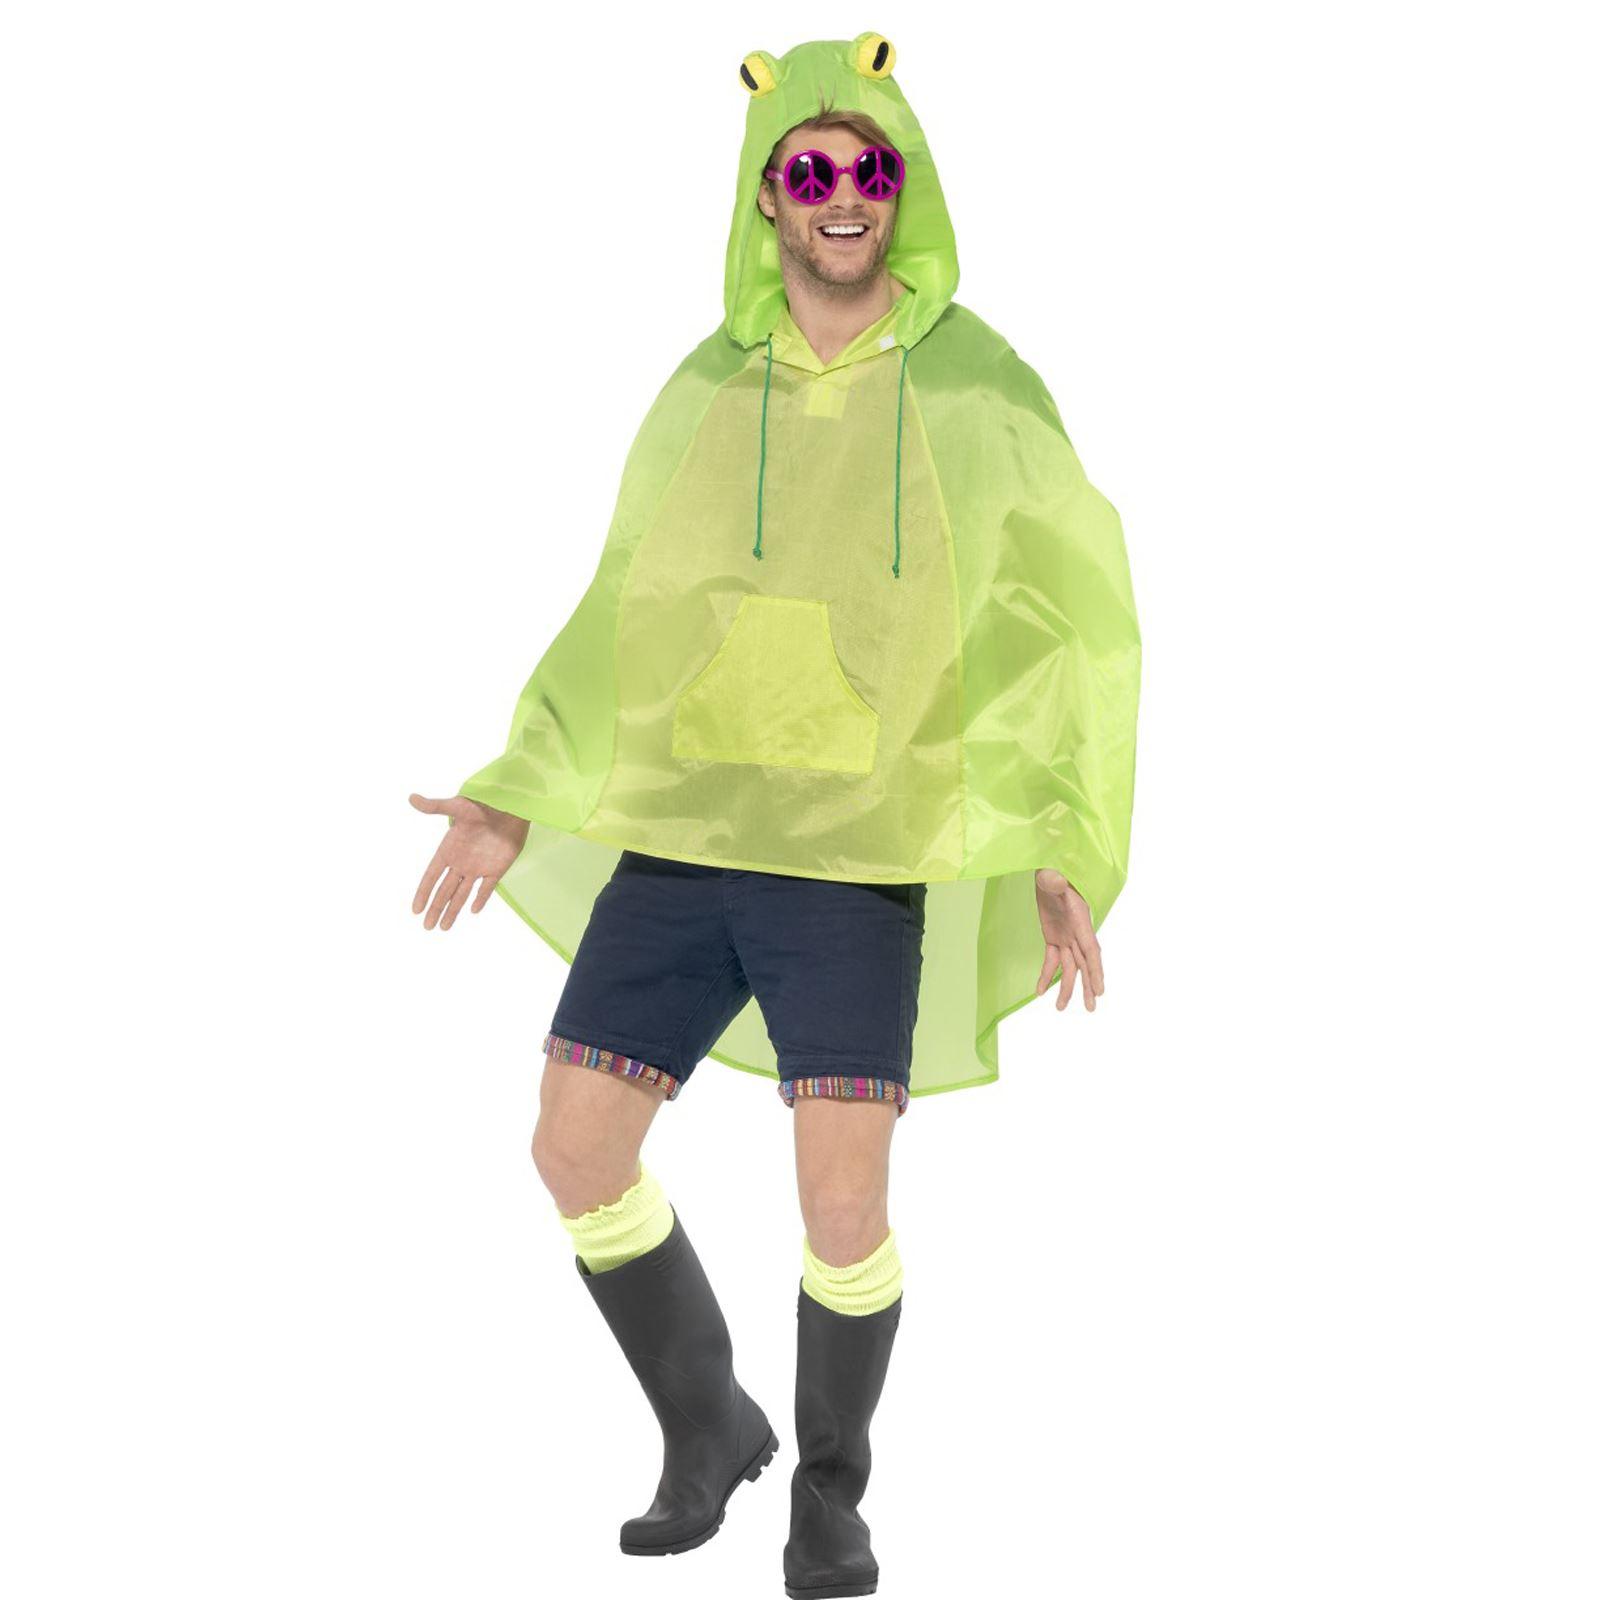 Costume Rana Rana Costume rana RE pioggia Cape Festa Poncho Pioggia Poncho FROG